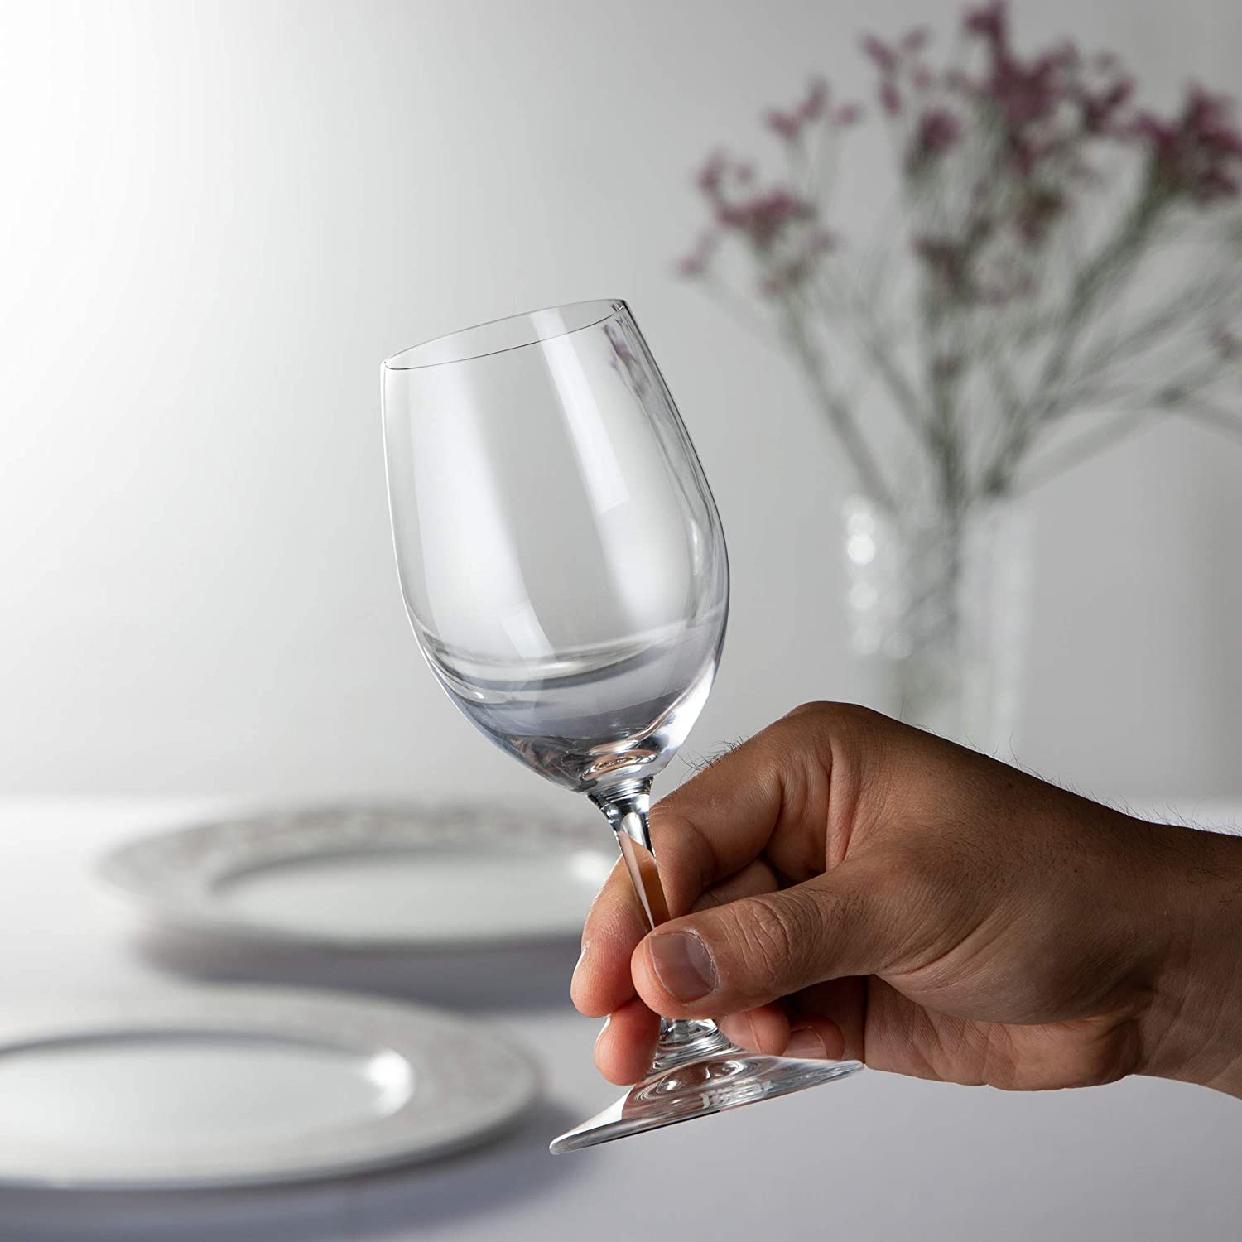 RIEDEL(リーデル) <オヴァチュア> ホワイトワイン(2個入) 6408/05の商品画像3